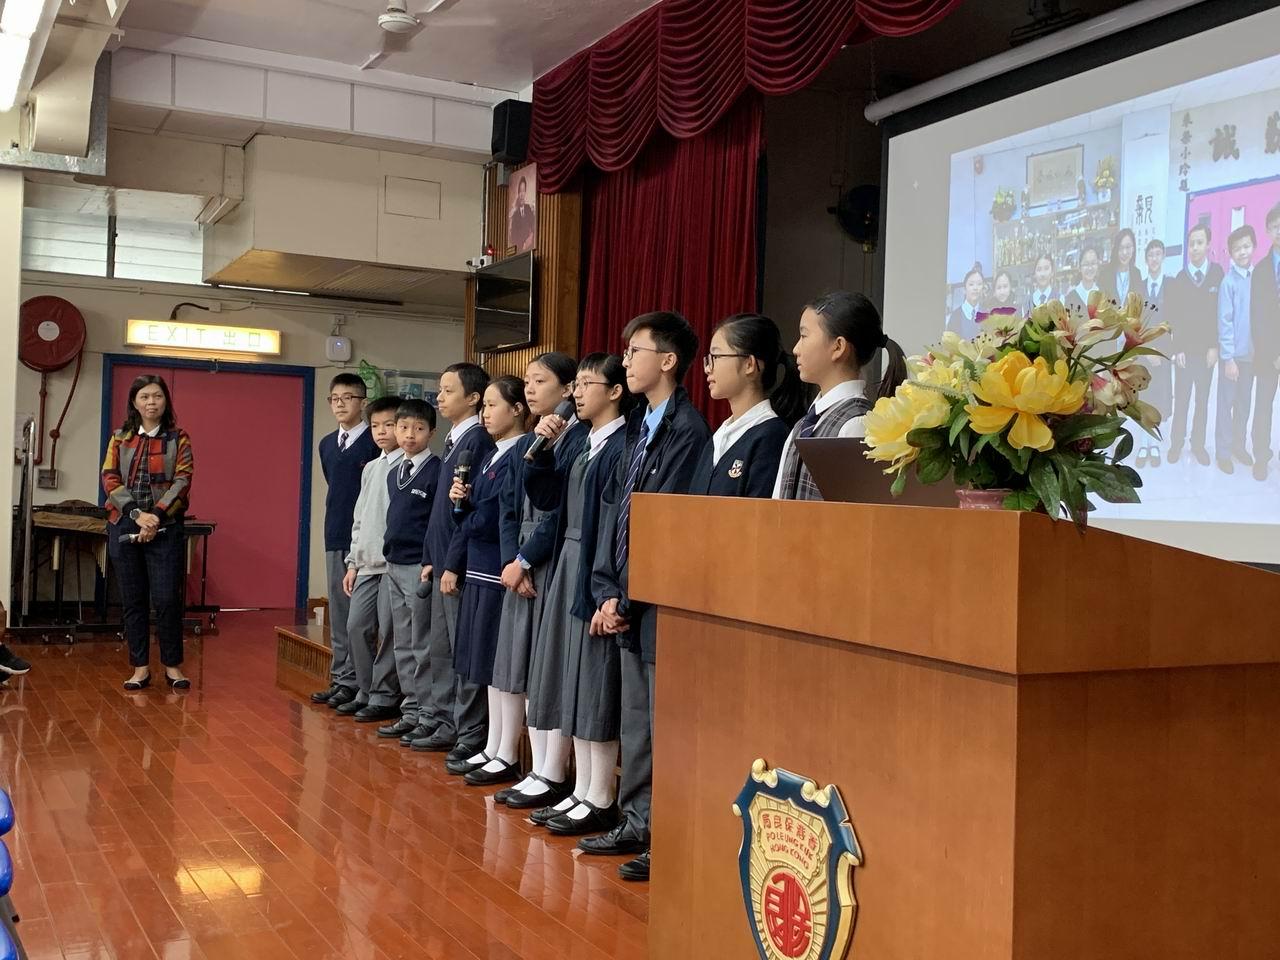 https://plkcjy.edu.hk/sites/default/files/img_6703_2.jpg